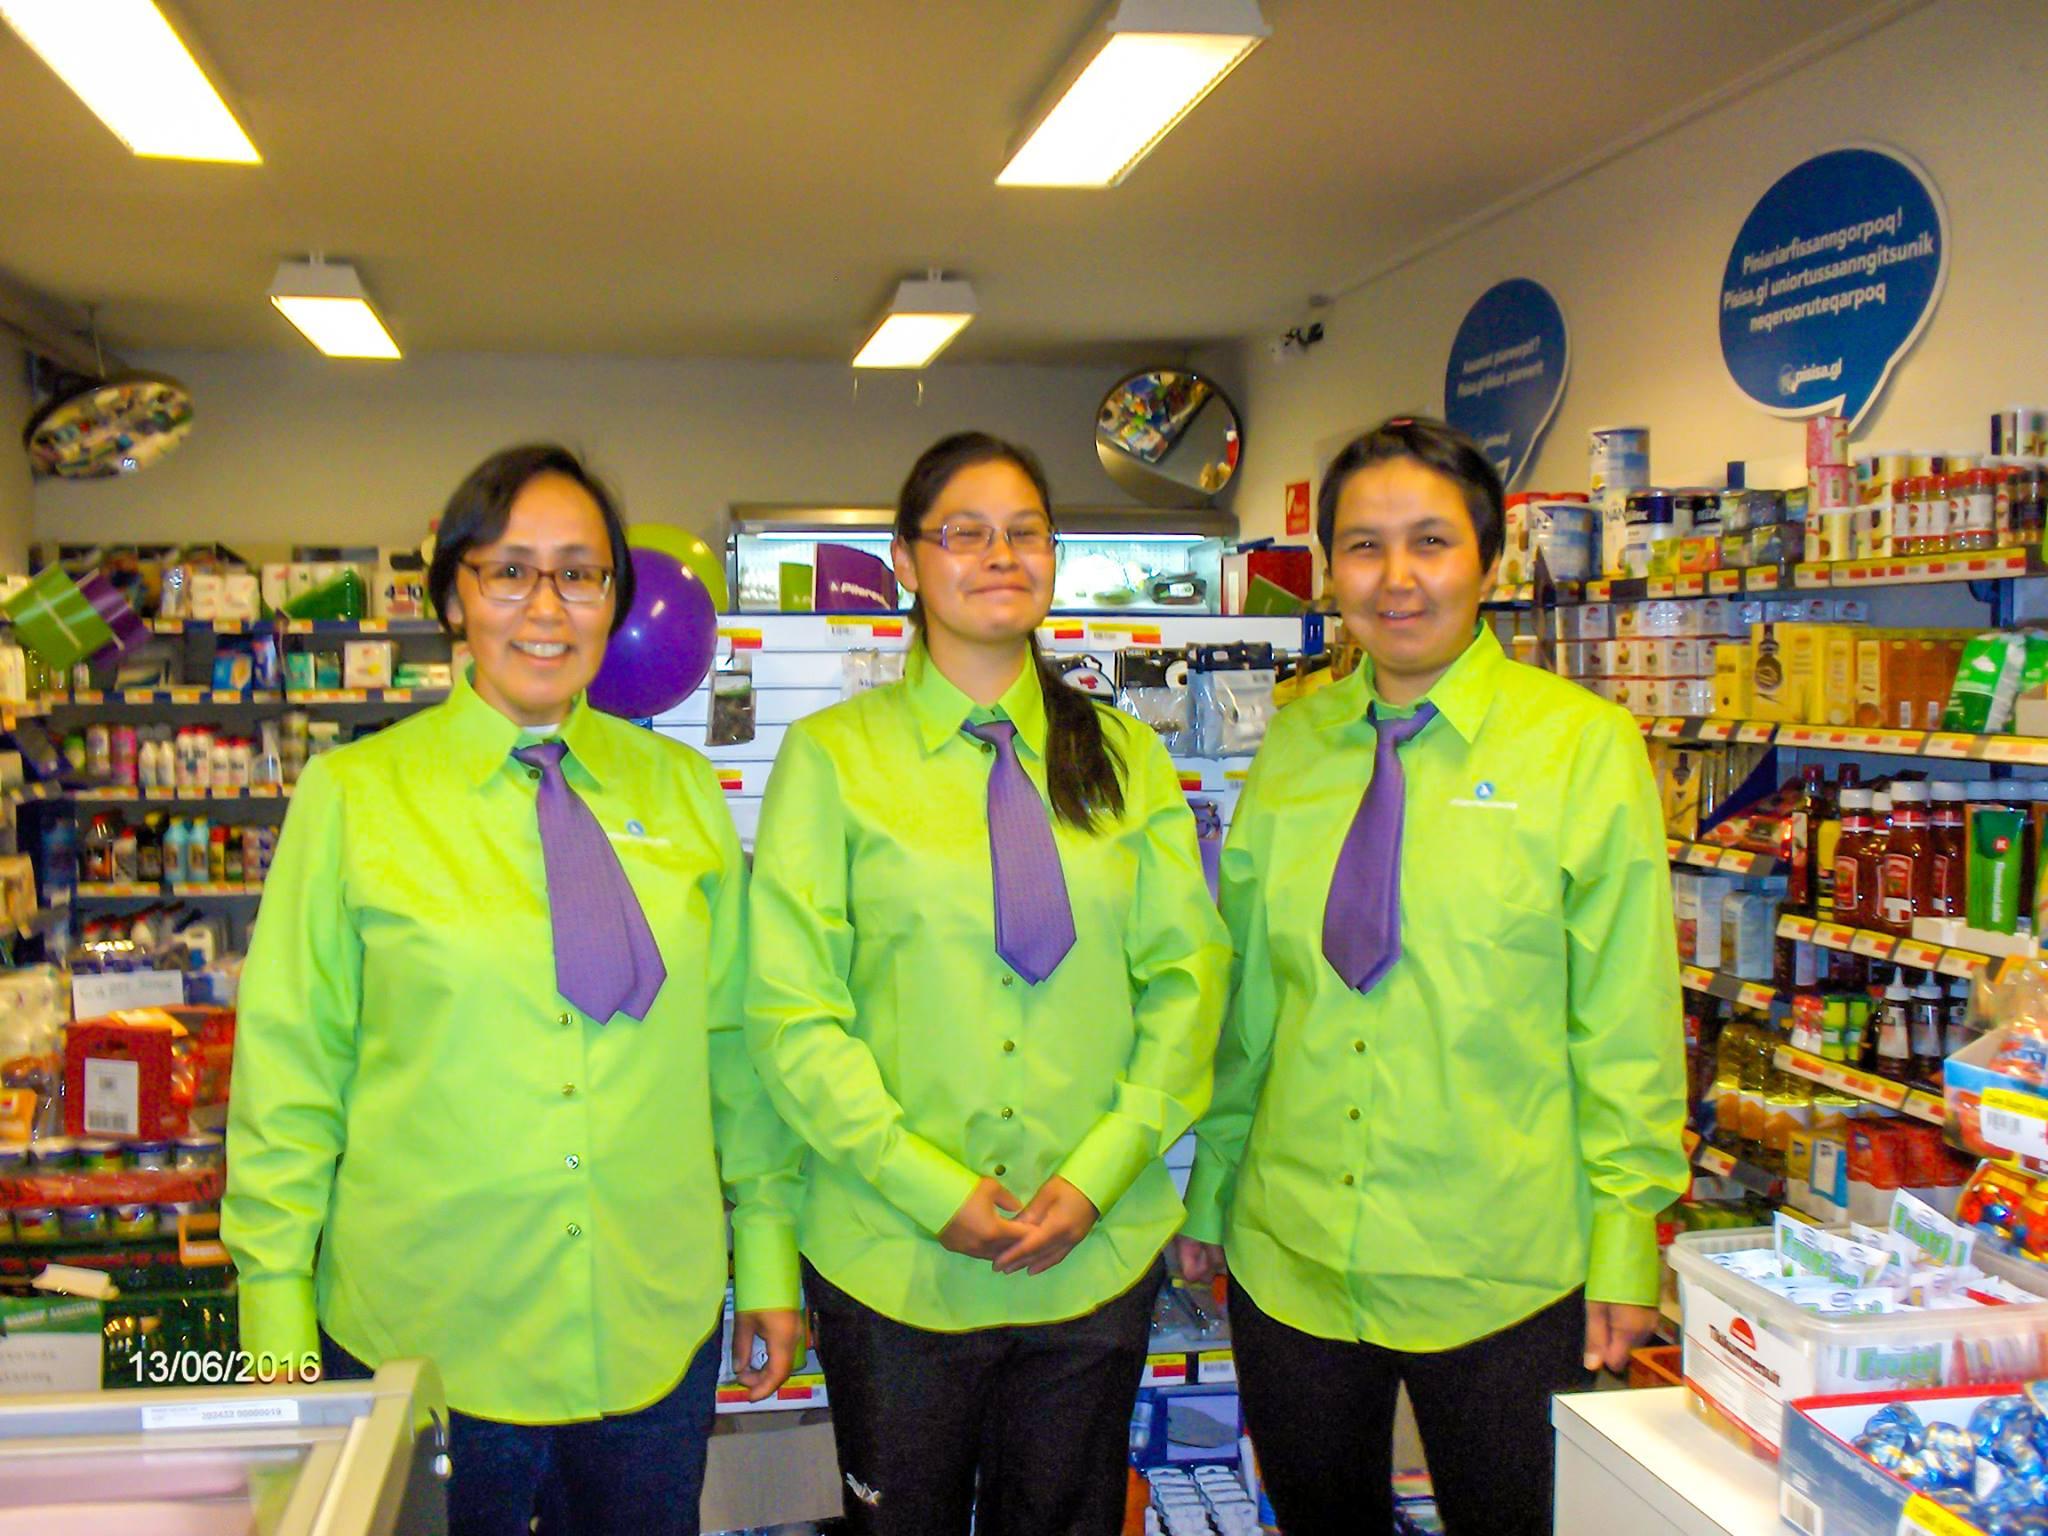 Nyt arbejdstøj i Pilersuisoq | Sermitsiaq.AG